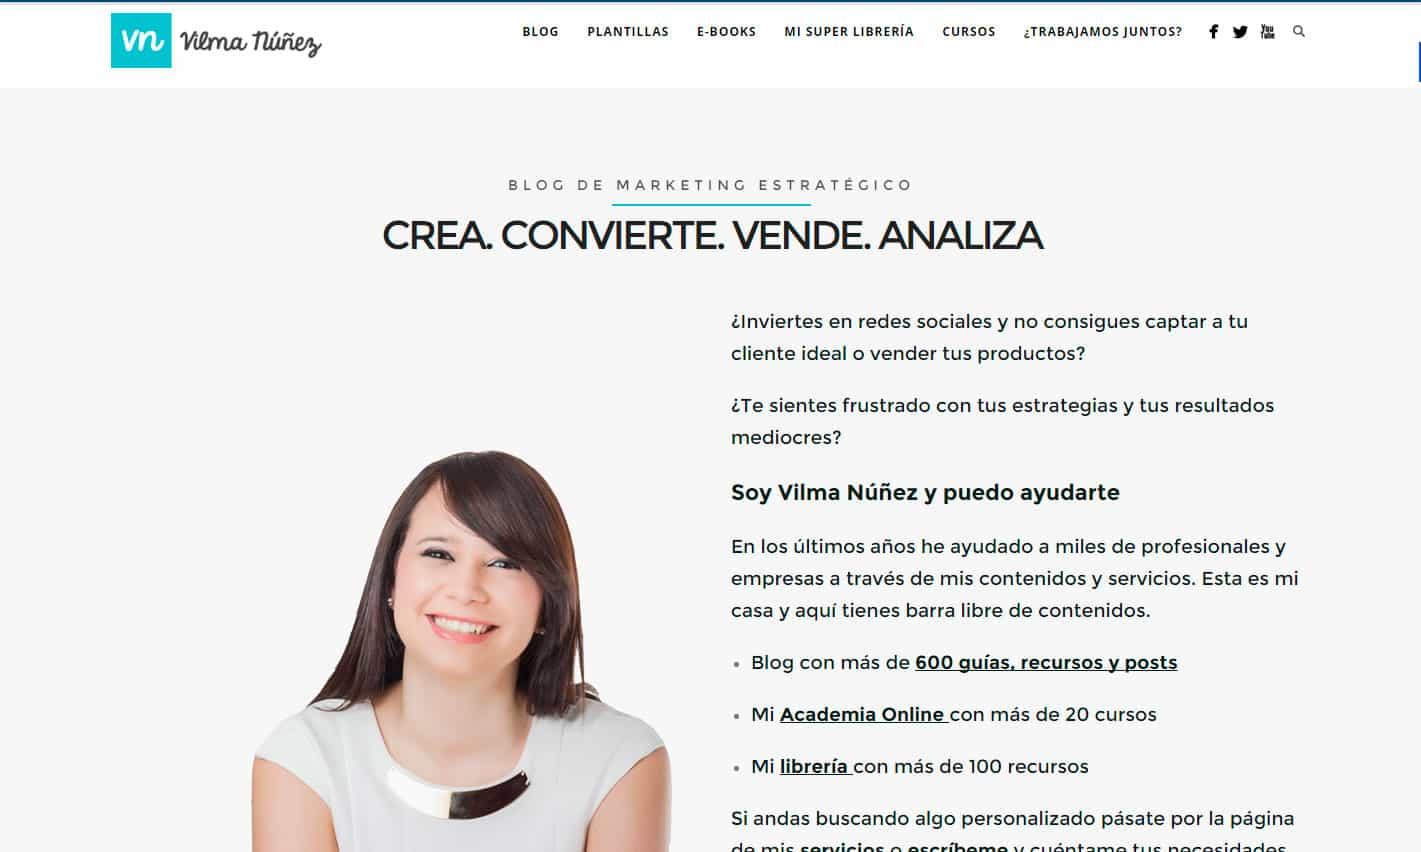 Vilma Nuñez - Mejores blogs sobre cómo hacer crecer un negocio